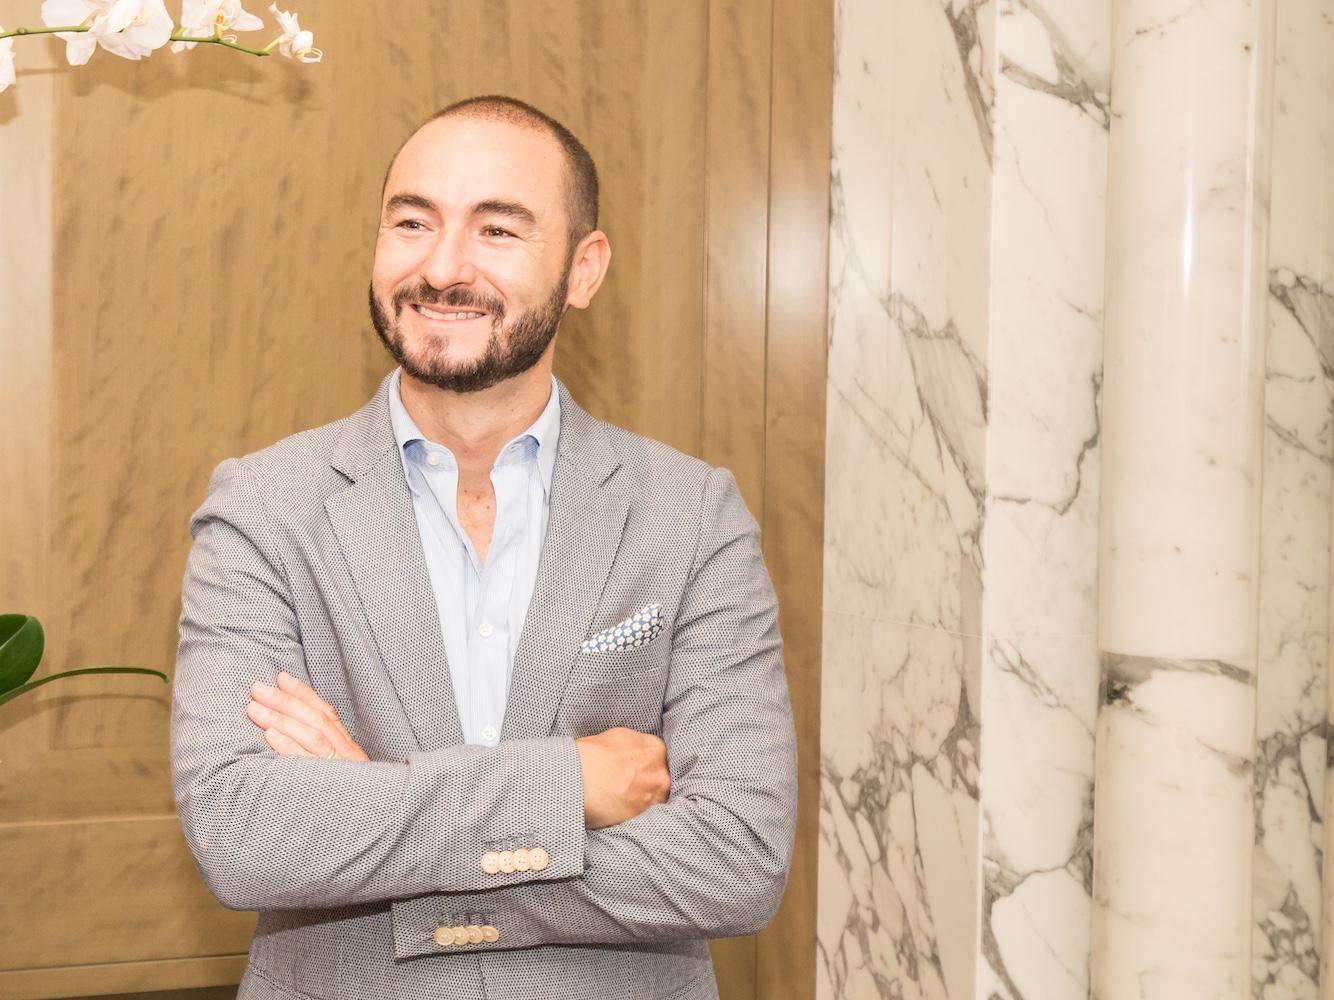 2016.Entrepreneur_interview.007.jpg